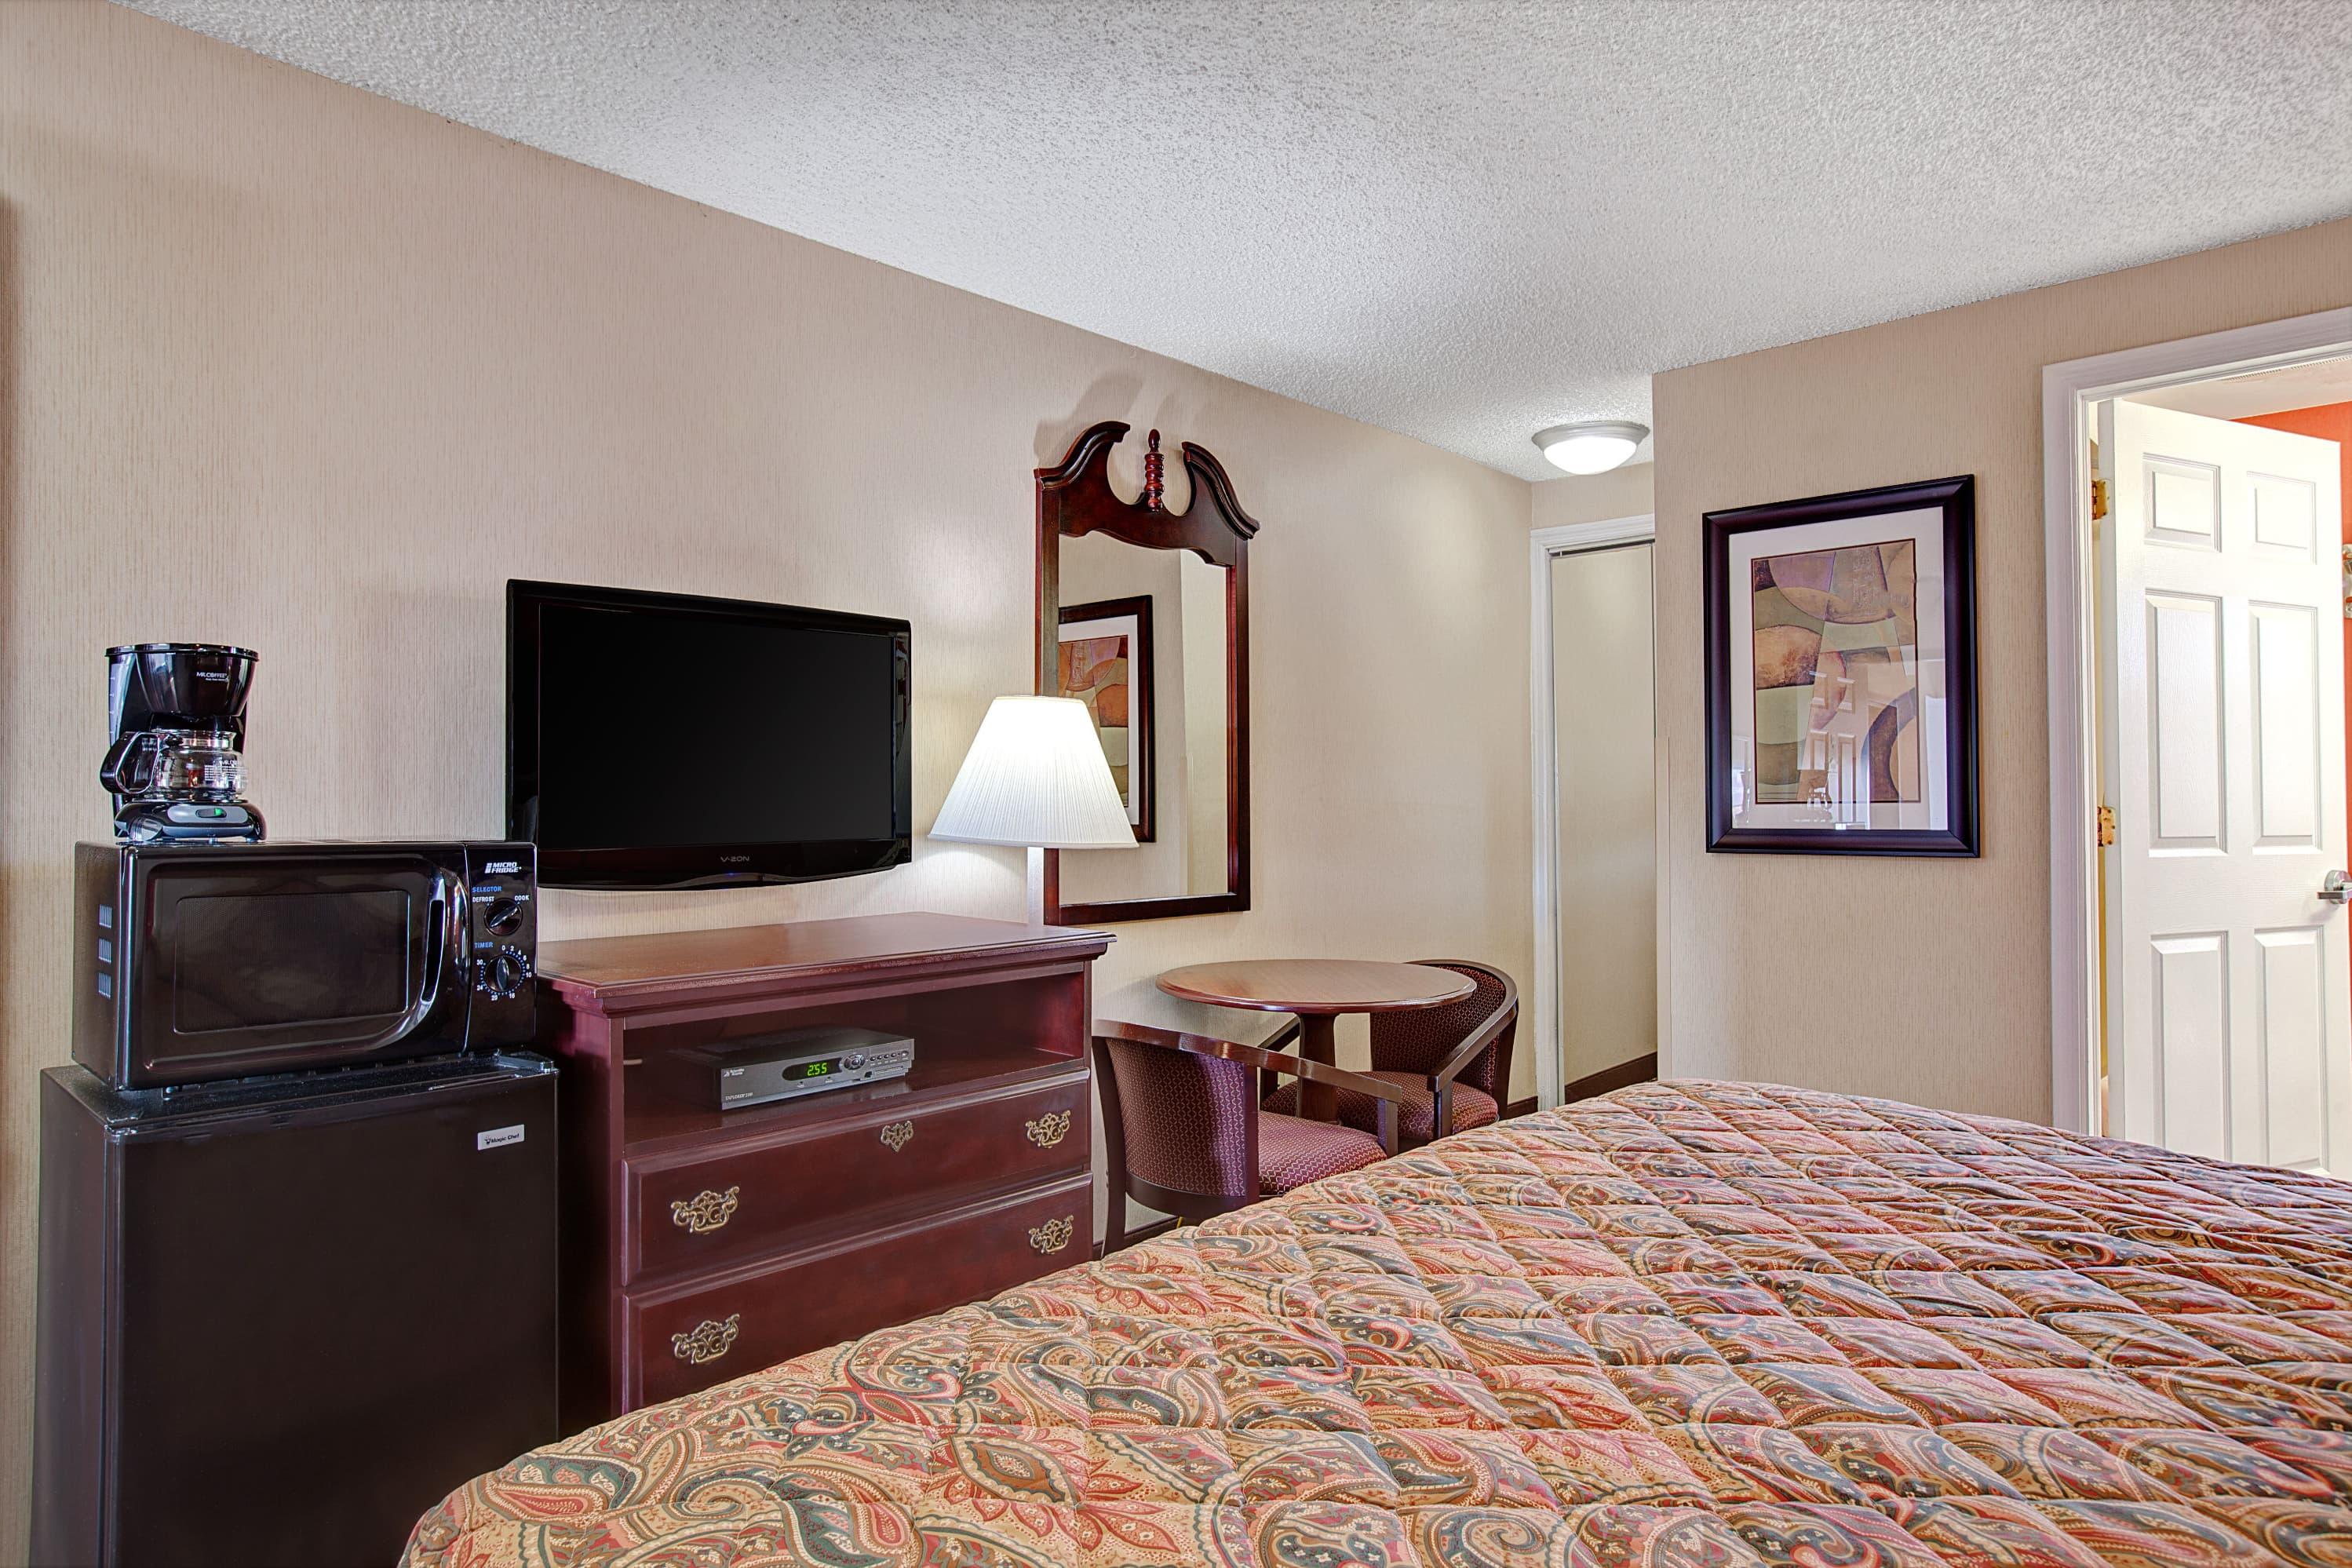 Days Inn Ridgefield NJ suite in Ridgefield, New Jersey